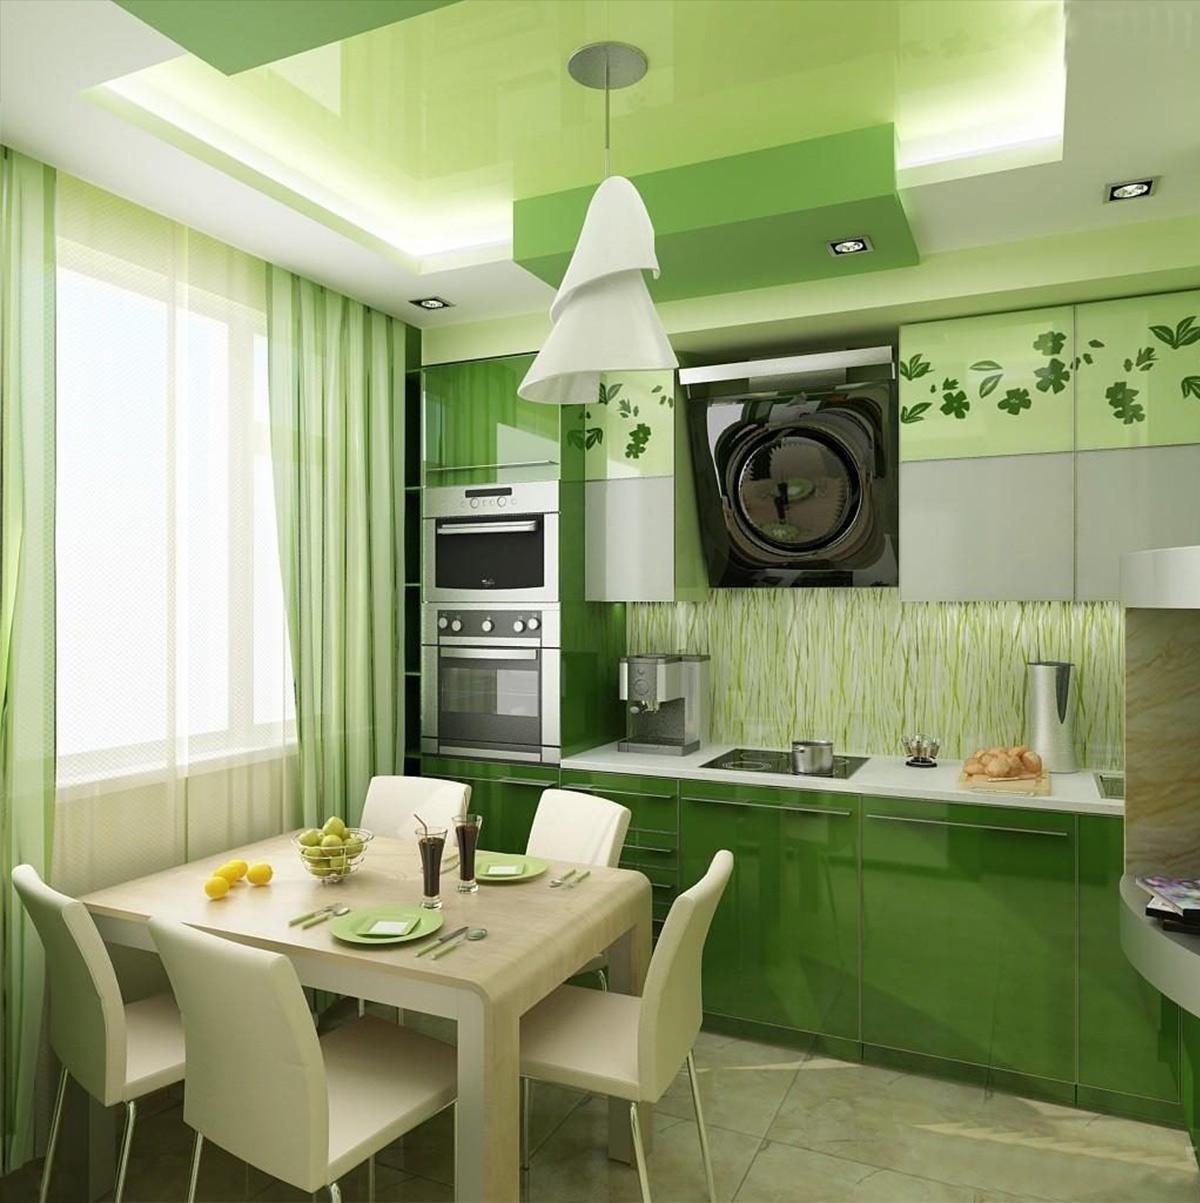 Trang trí phòng bếp với màu xanh lá